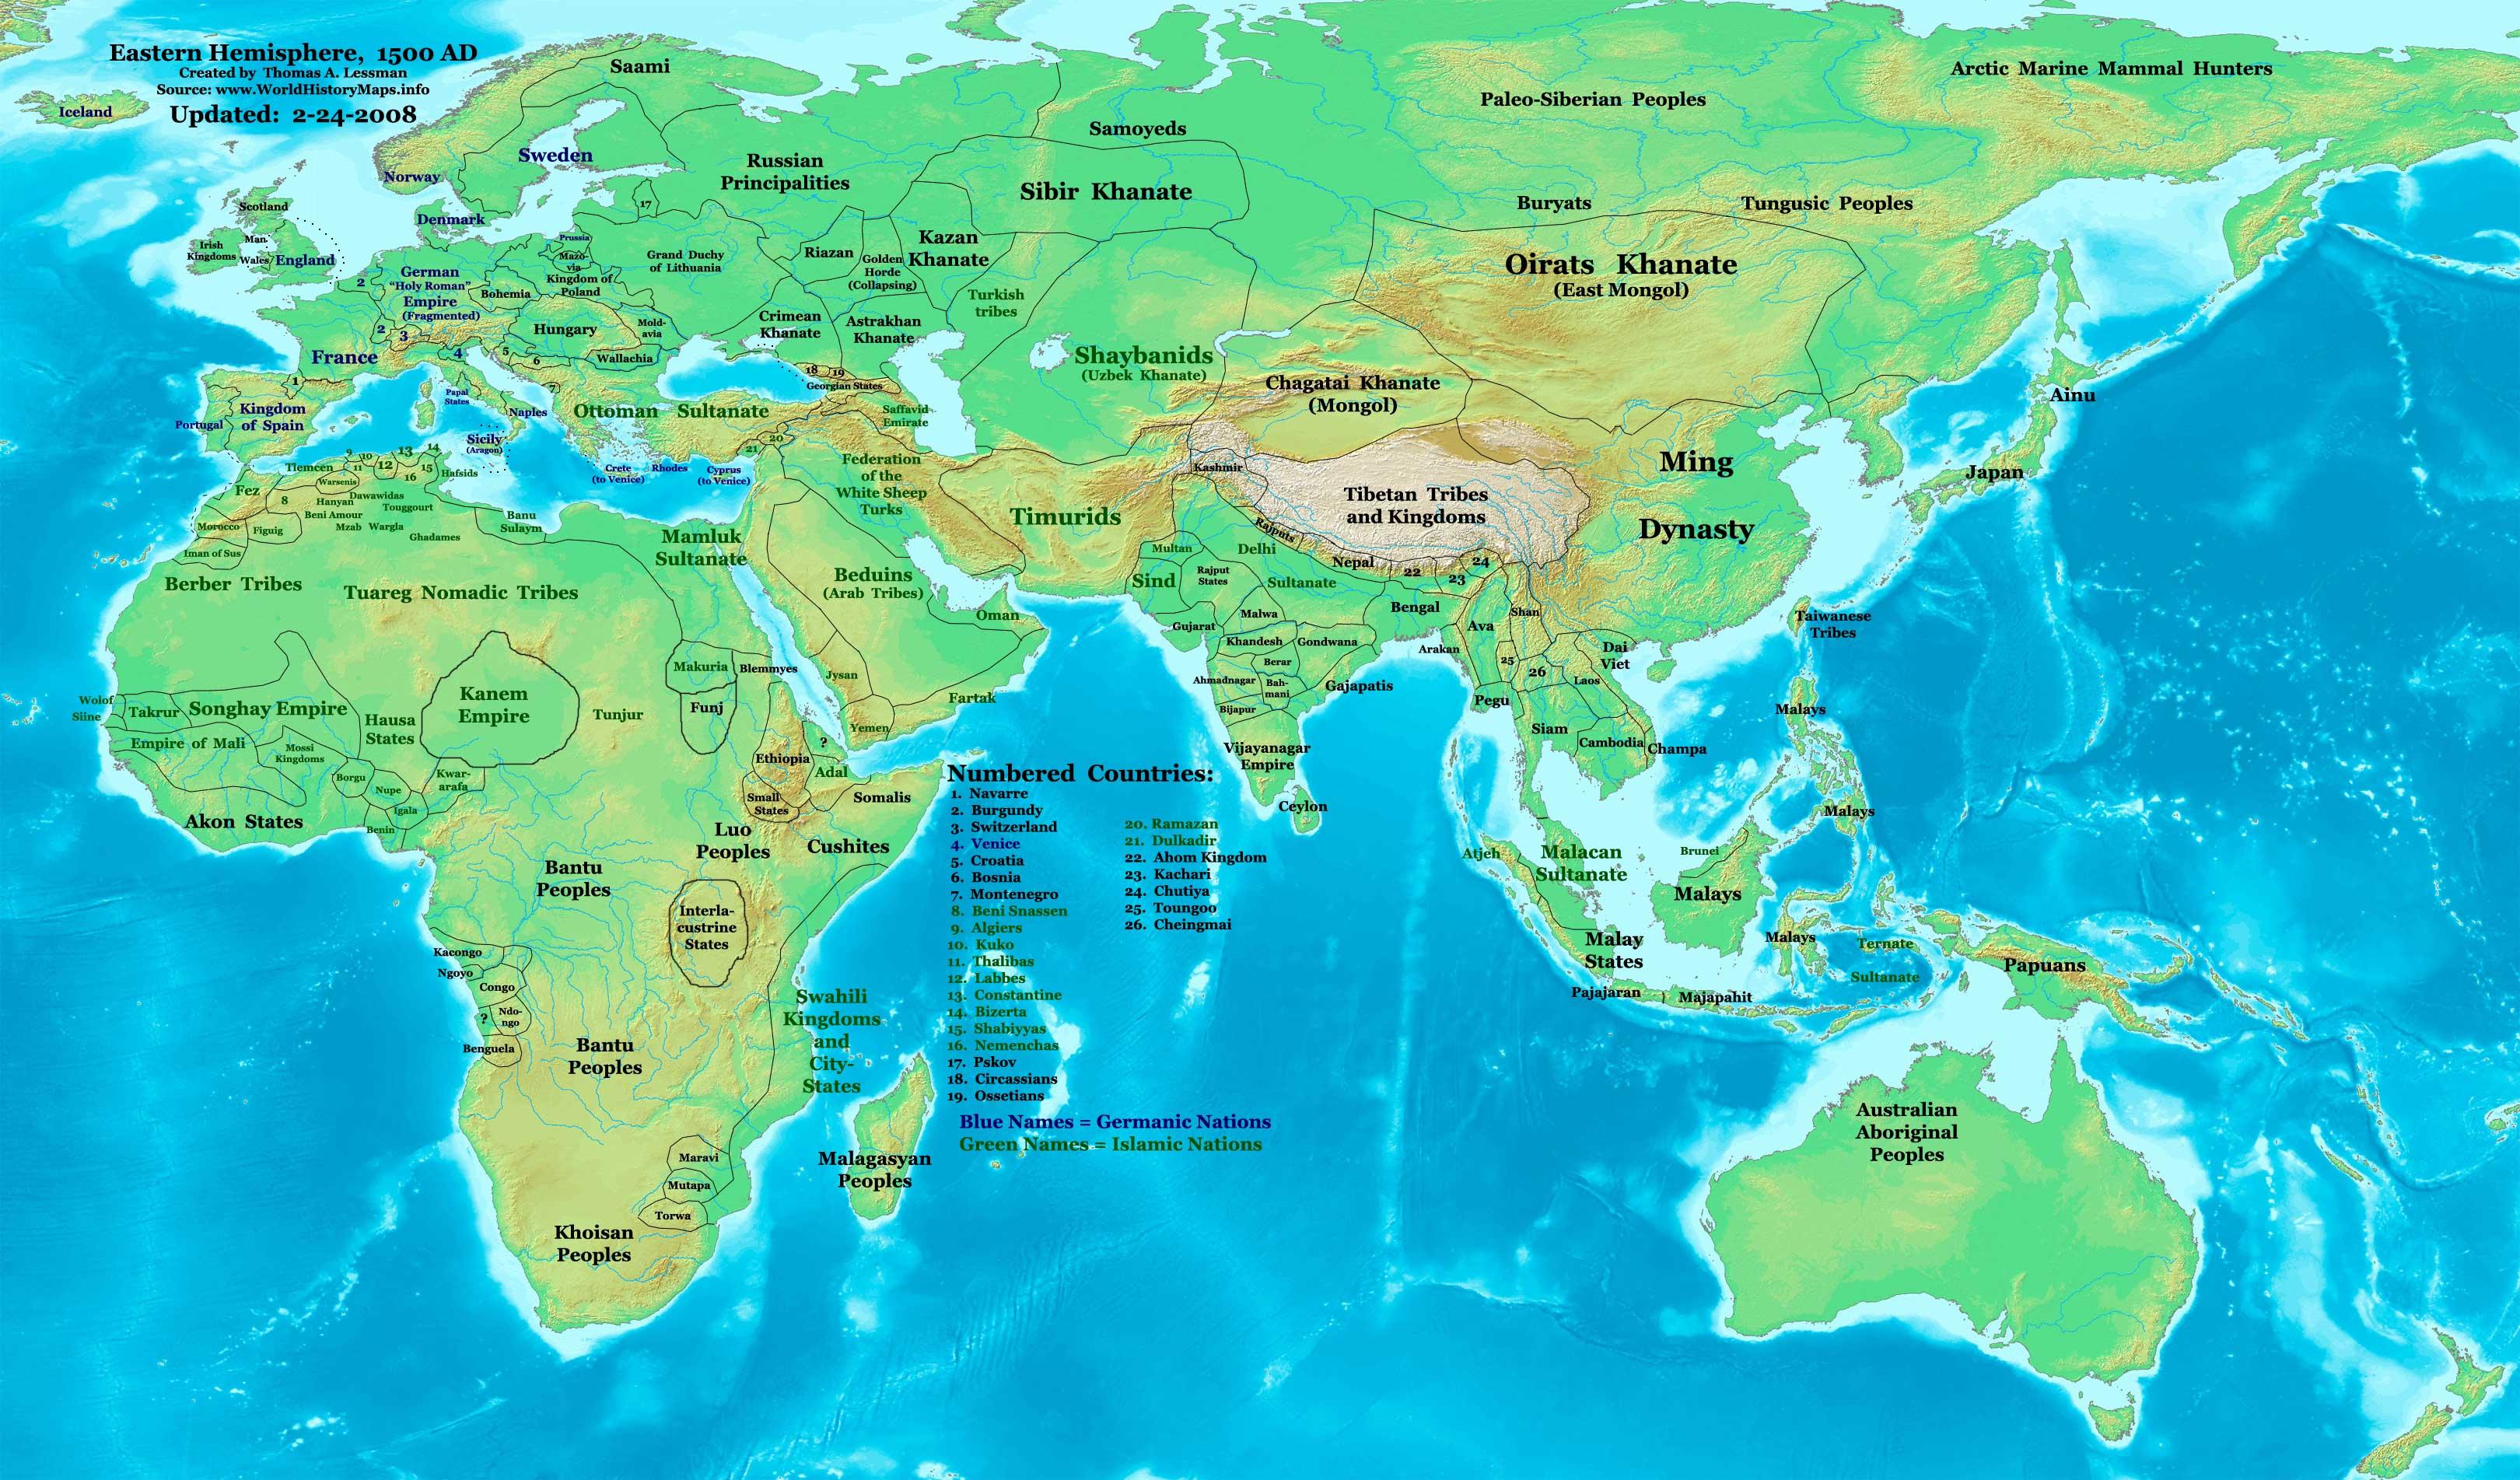 http://worldhistorymaps.info/images/East-Hem_1500ad.jpg